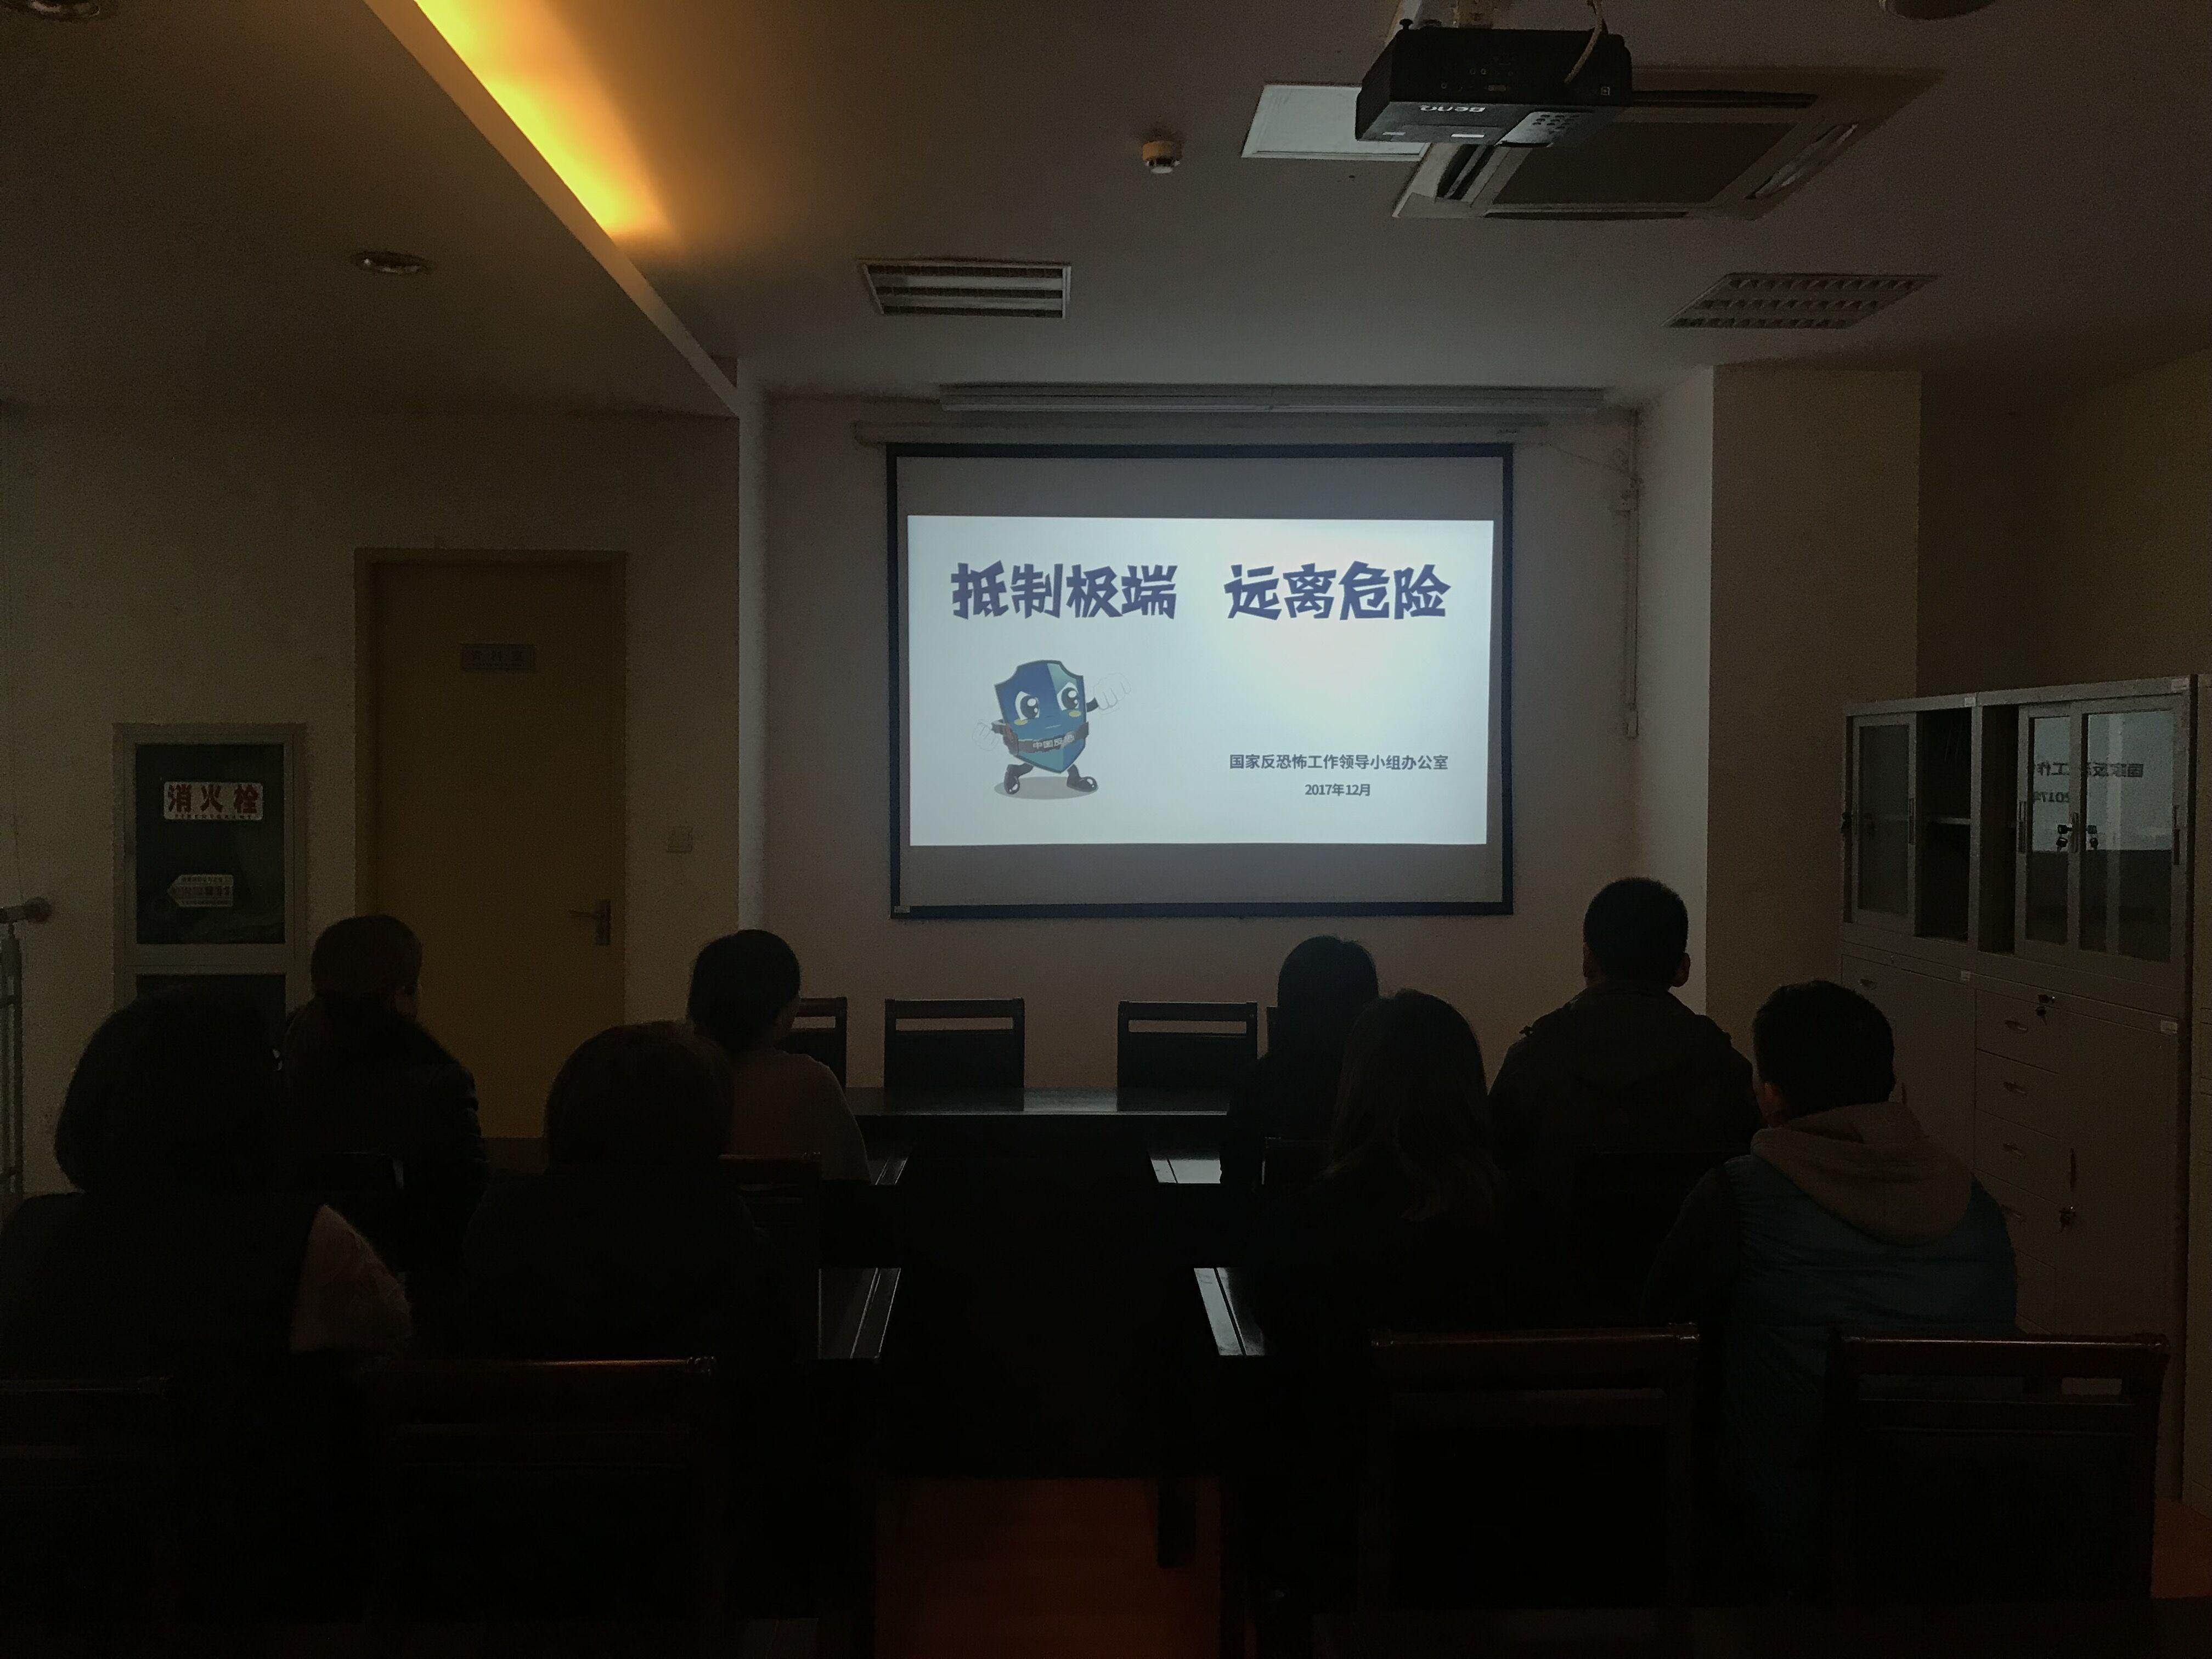 3叶荷u53f6荷社区举行反恐普法宣传活动.jpg图片